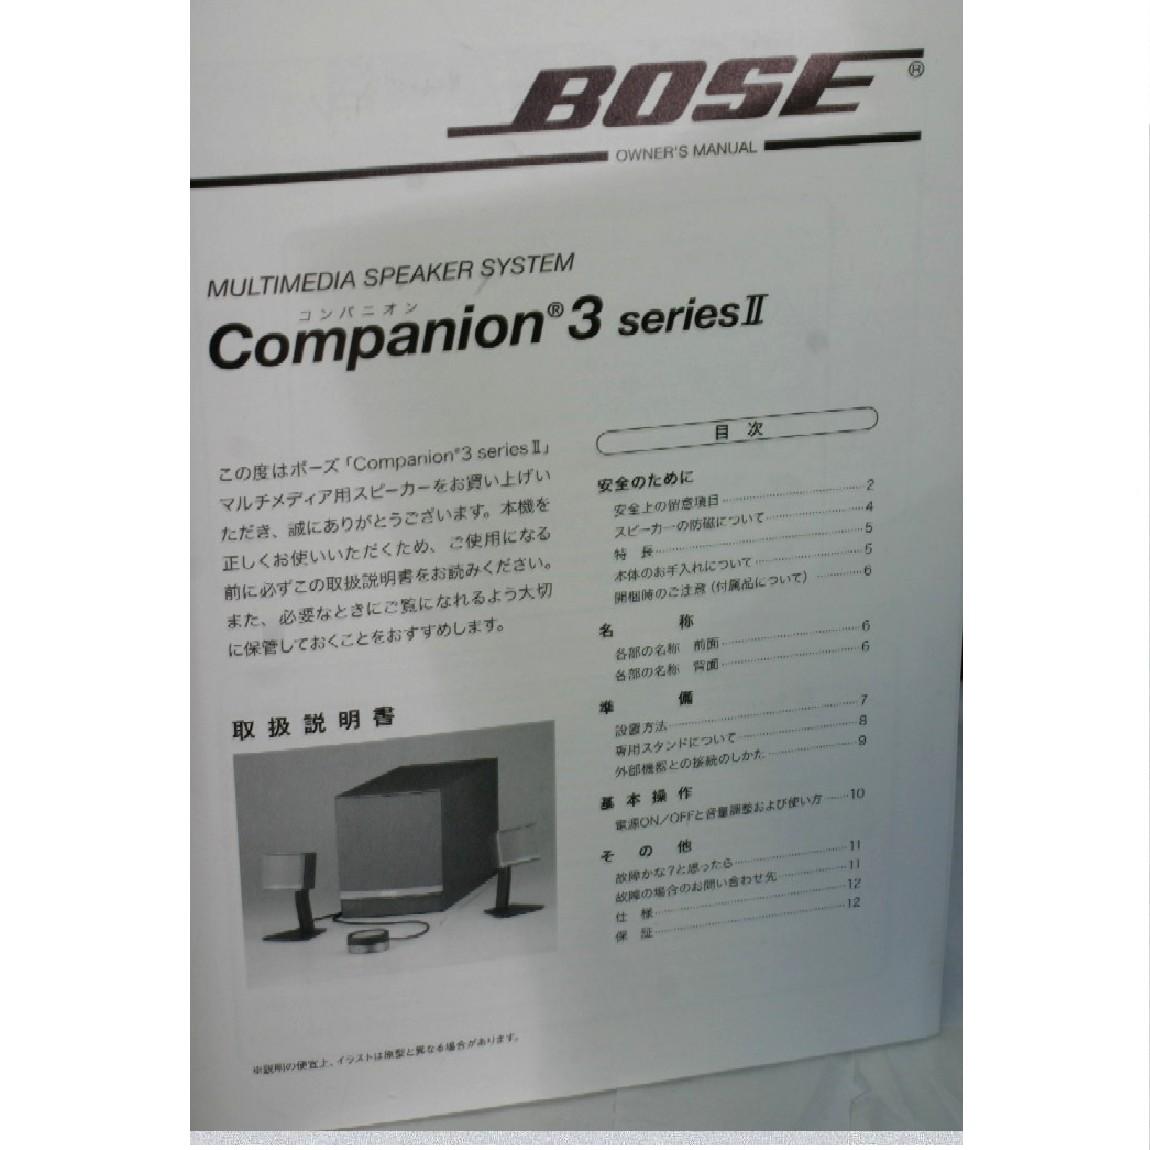 【中古】完動美品BOSEボーズ迫力のある低音マルチメディアスピーカーシステムCompanion3 seriesII 1ヶ月保障付おすすめです